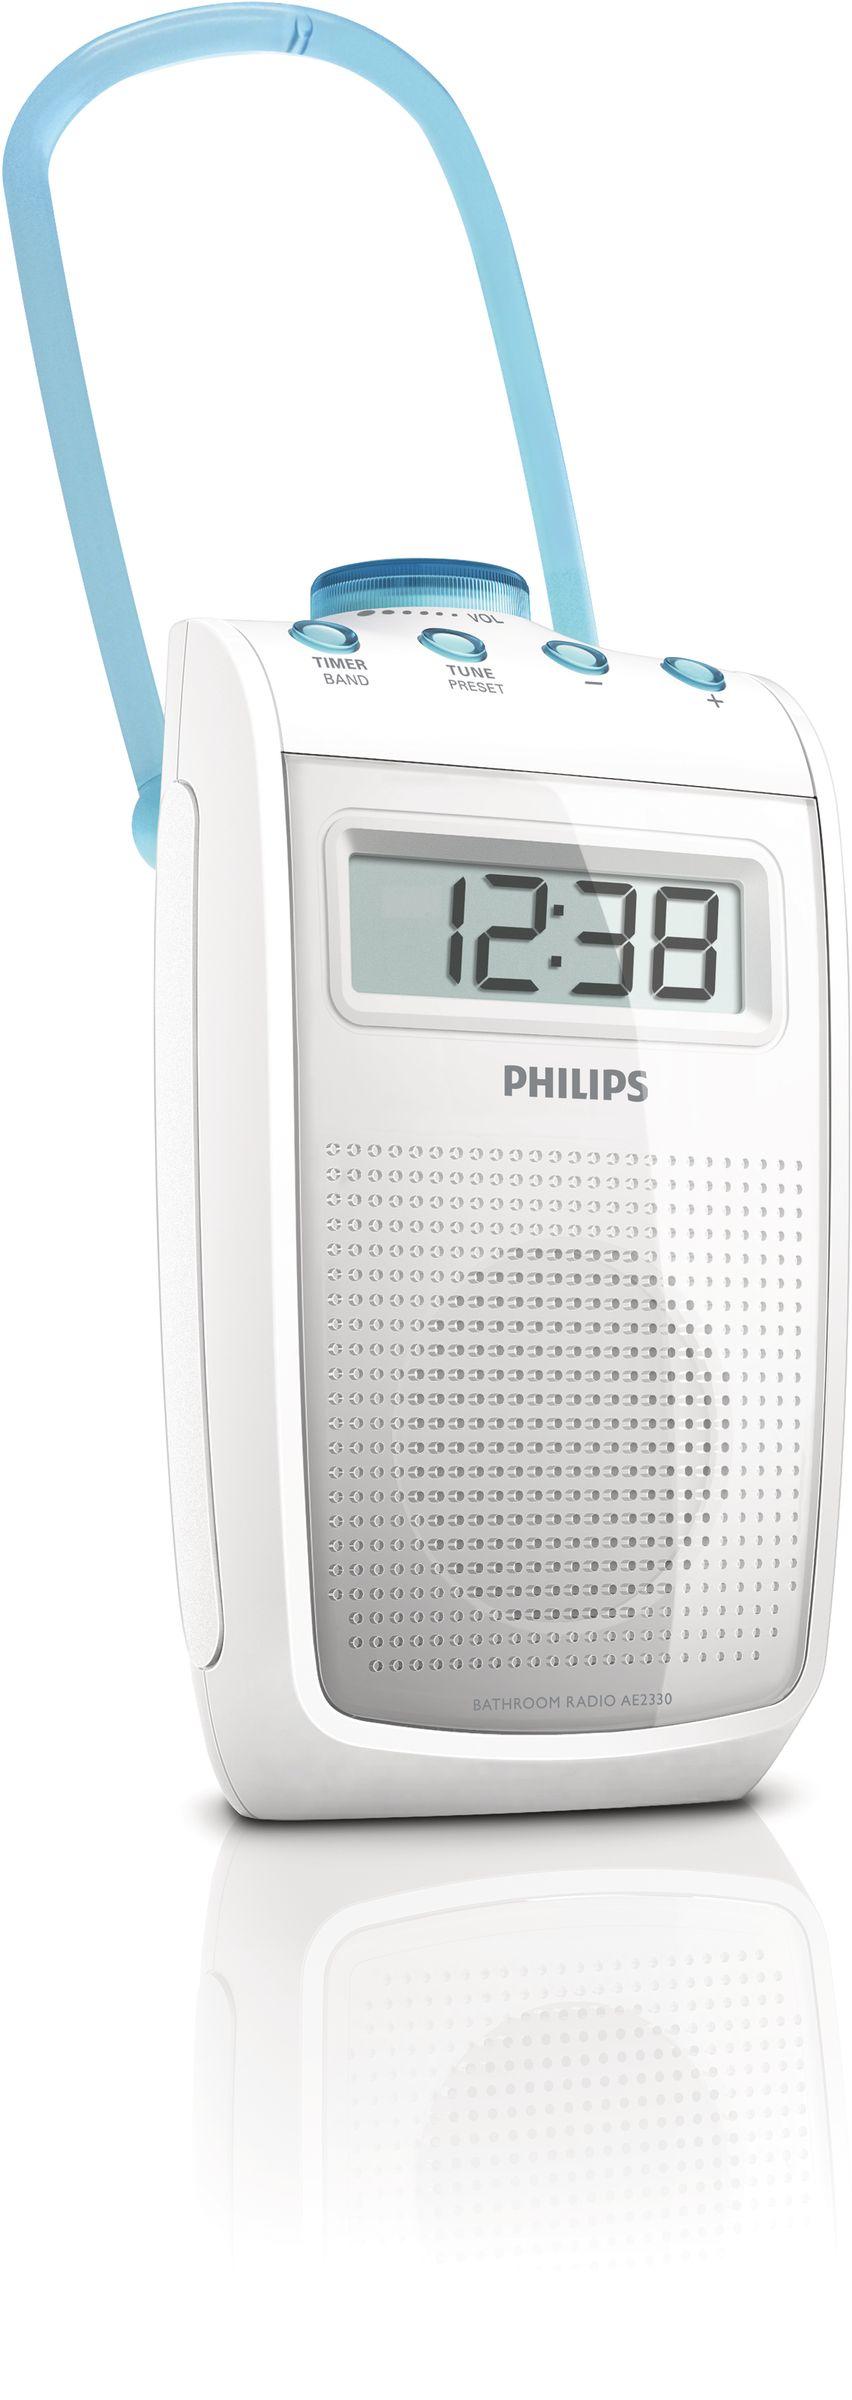 RADIO PHILIPS PORTATIL AE2330/00 PARA DUCHA